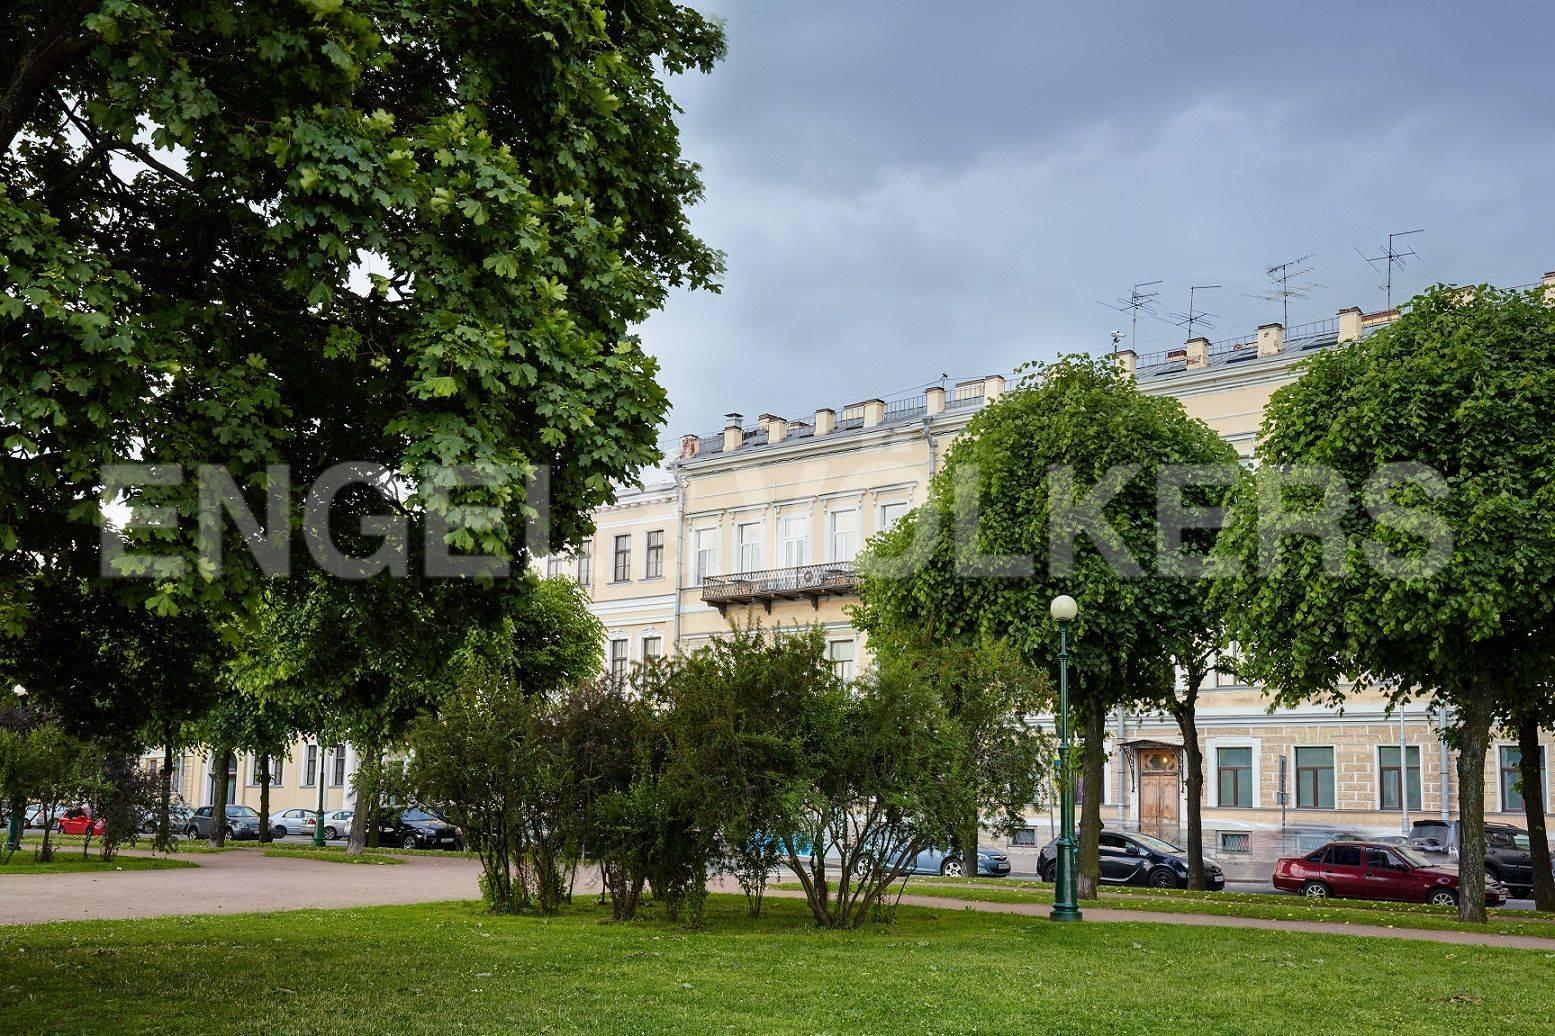 Элитные квартиры в Центральном районе. Санкт-Петербург, Марсово поле, 3. Видовой балкон на фасаде дома